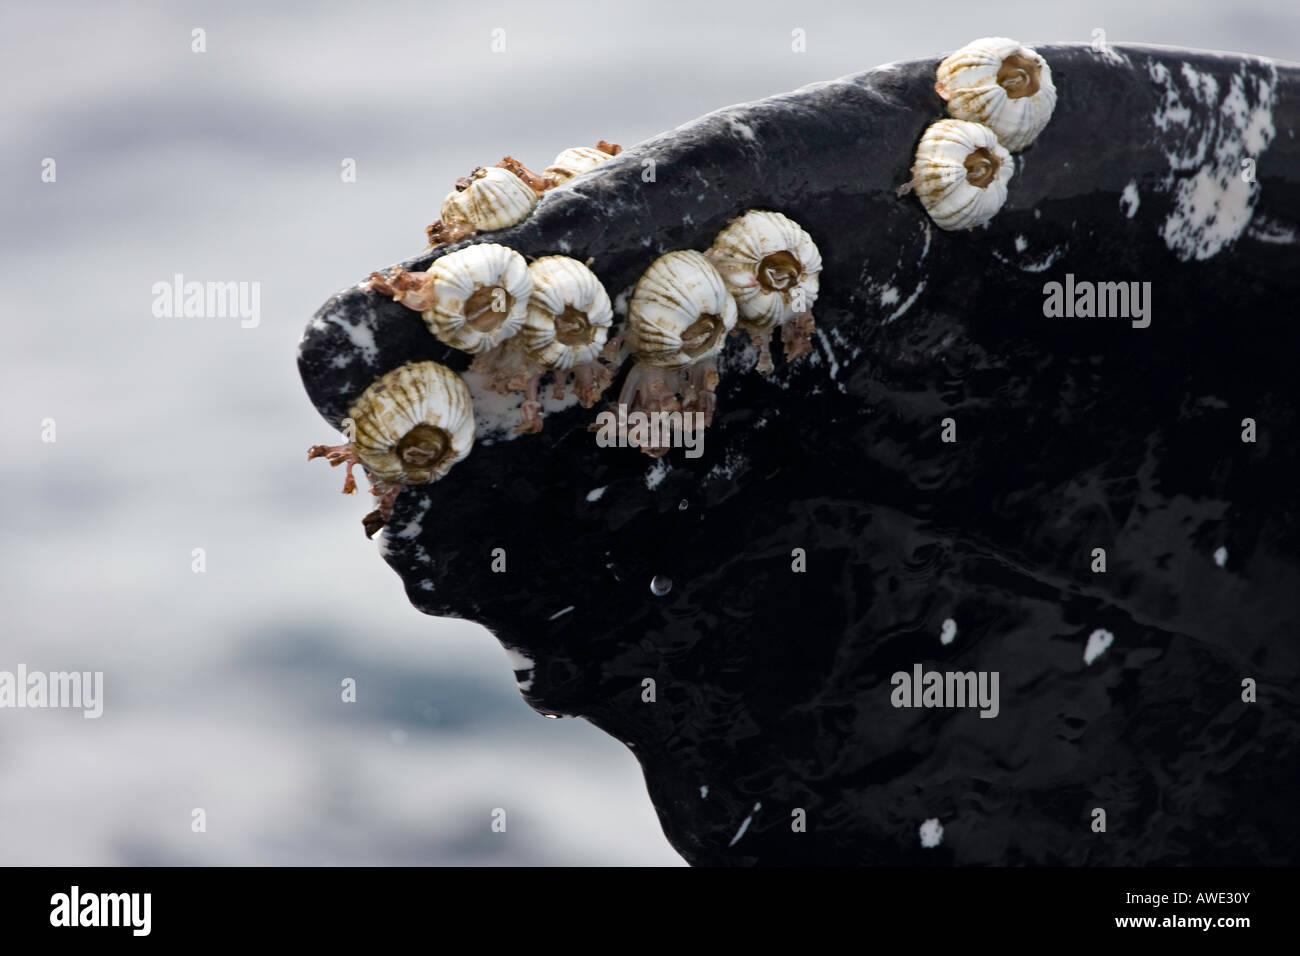 Les balanes Acorn et col de cygne d'anatifes attaché à une queue de baleine à bosse, Megaptera novaeangliae, New York. Banque D'Images